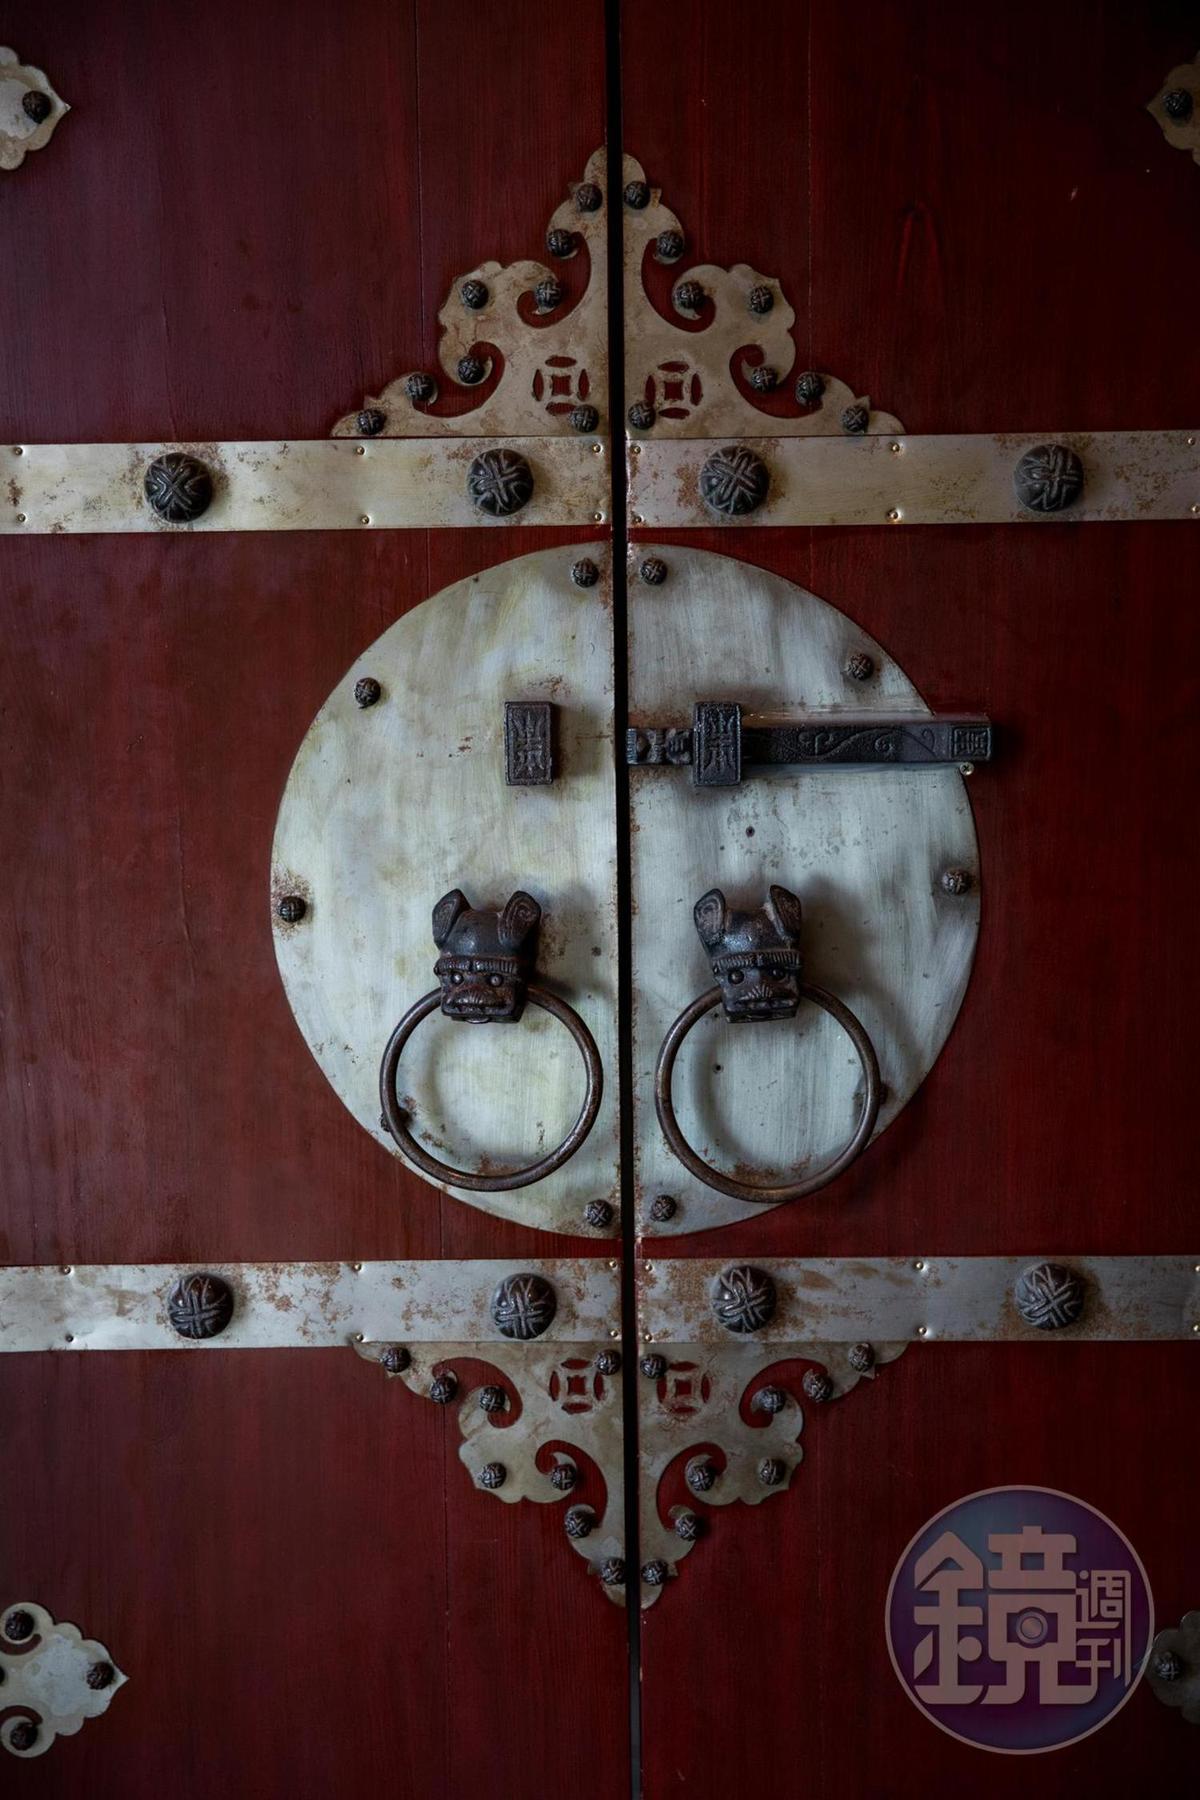 「V3登機門」的入口使用厚重的中式山西大門,讓人想推開一探究竟。